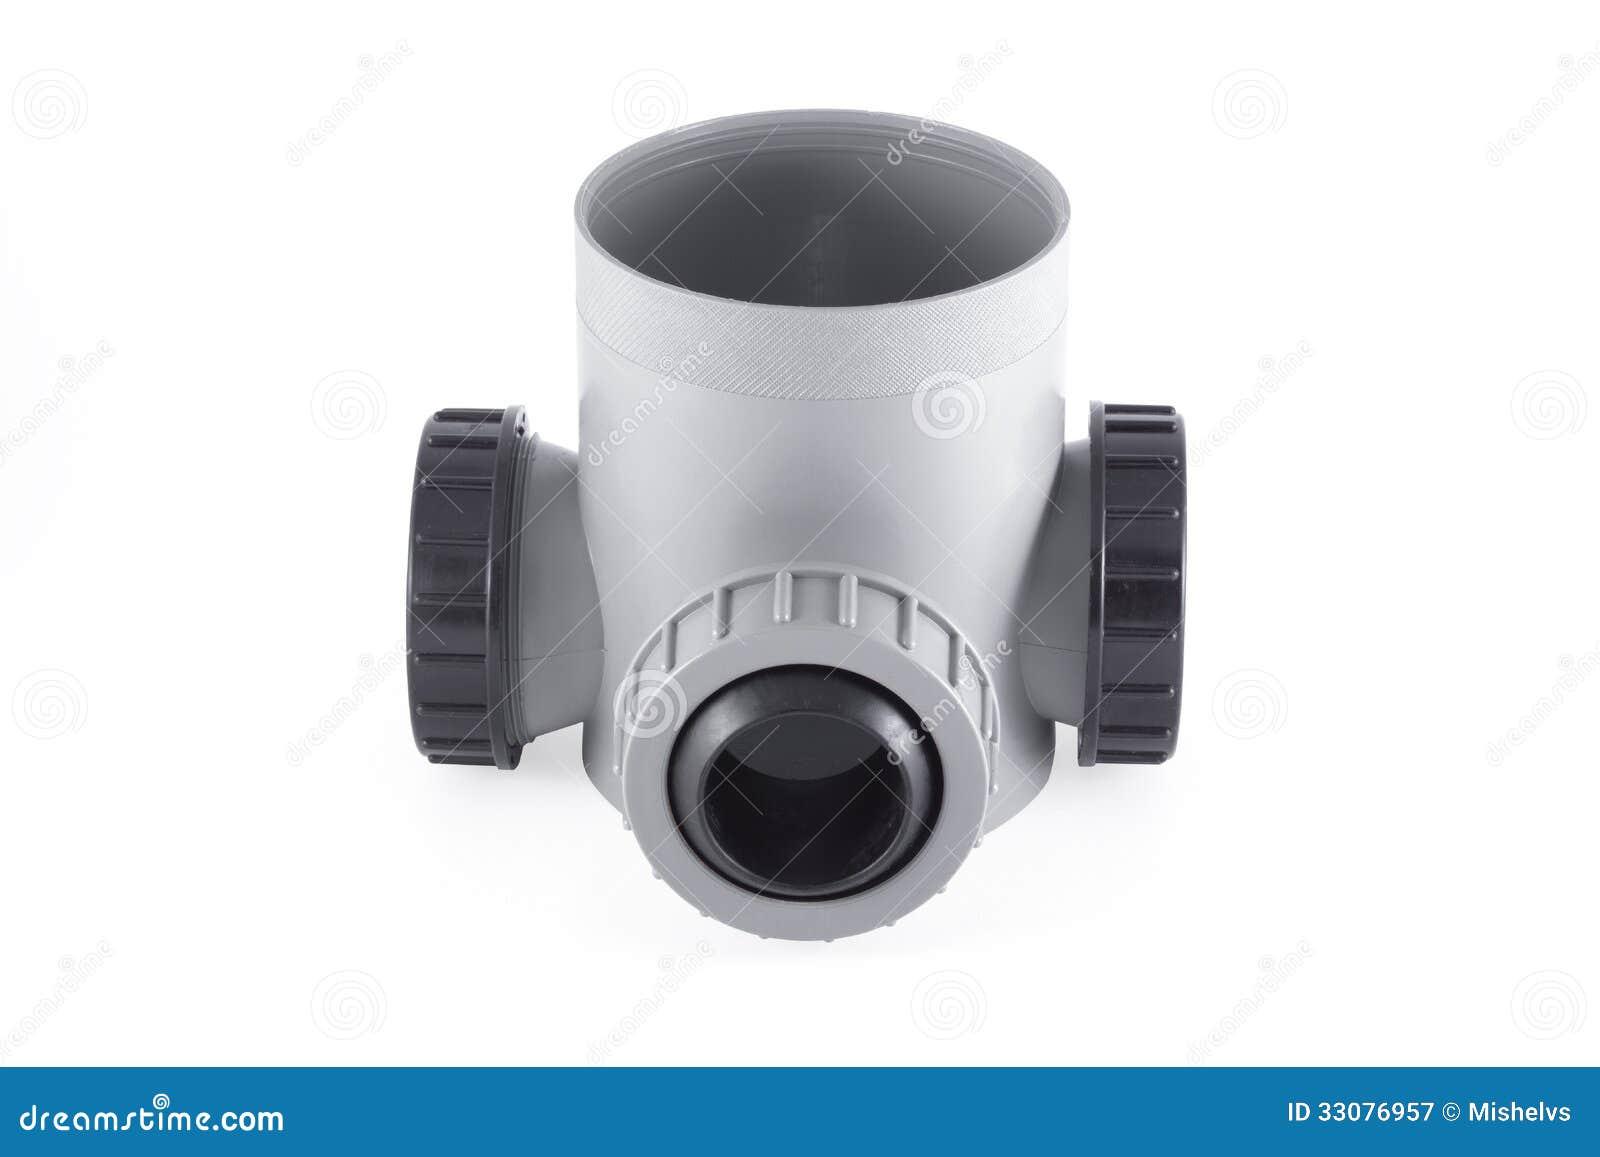 Sifone del bagno immagine stock immagine di lavoro funzionamento 33076957 - Sifone vasca da bagno ...